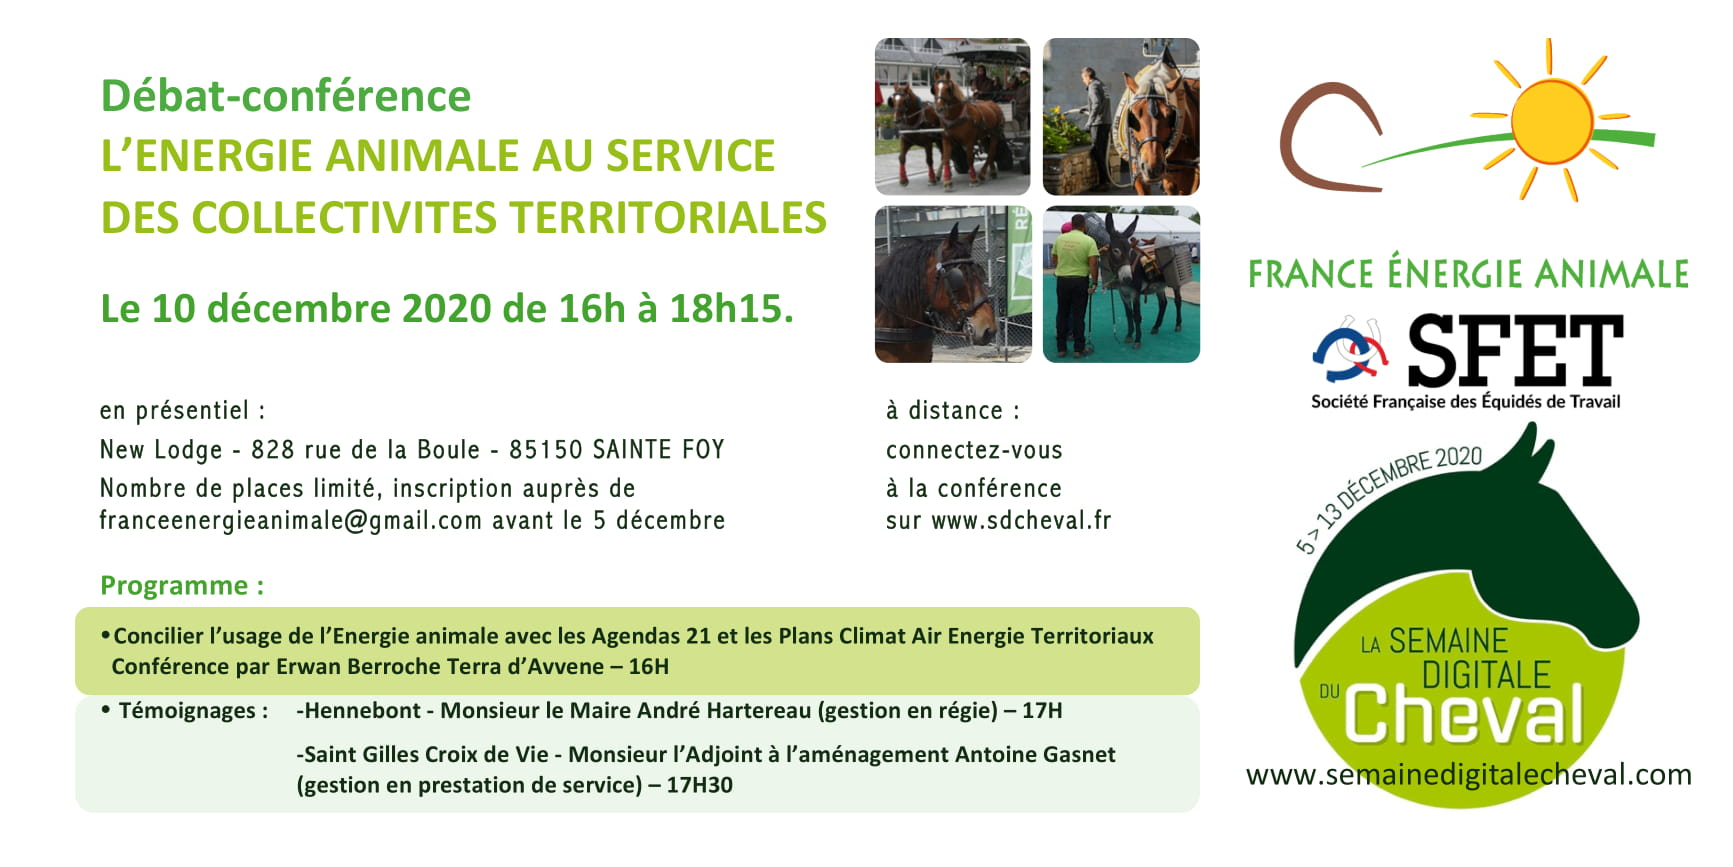 Intêrets de la traction animale pour les collectivités : Conférence de France Energie Animale - 10/12/2020 lors de la Semaine Digitale du Cheval